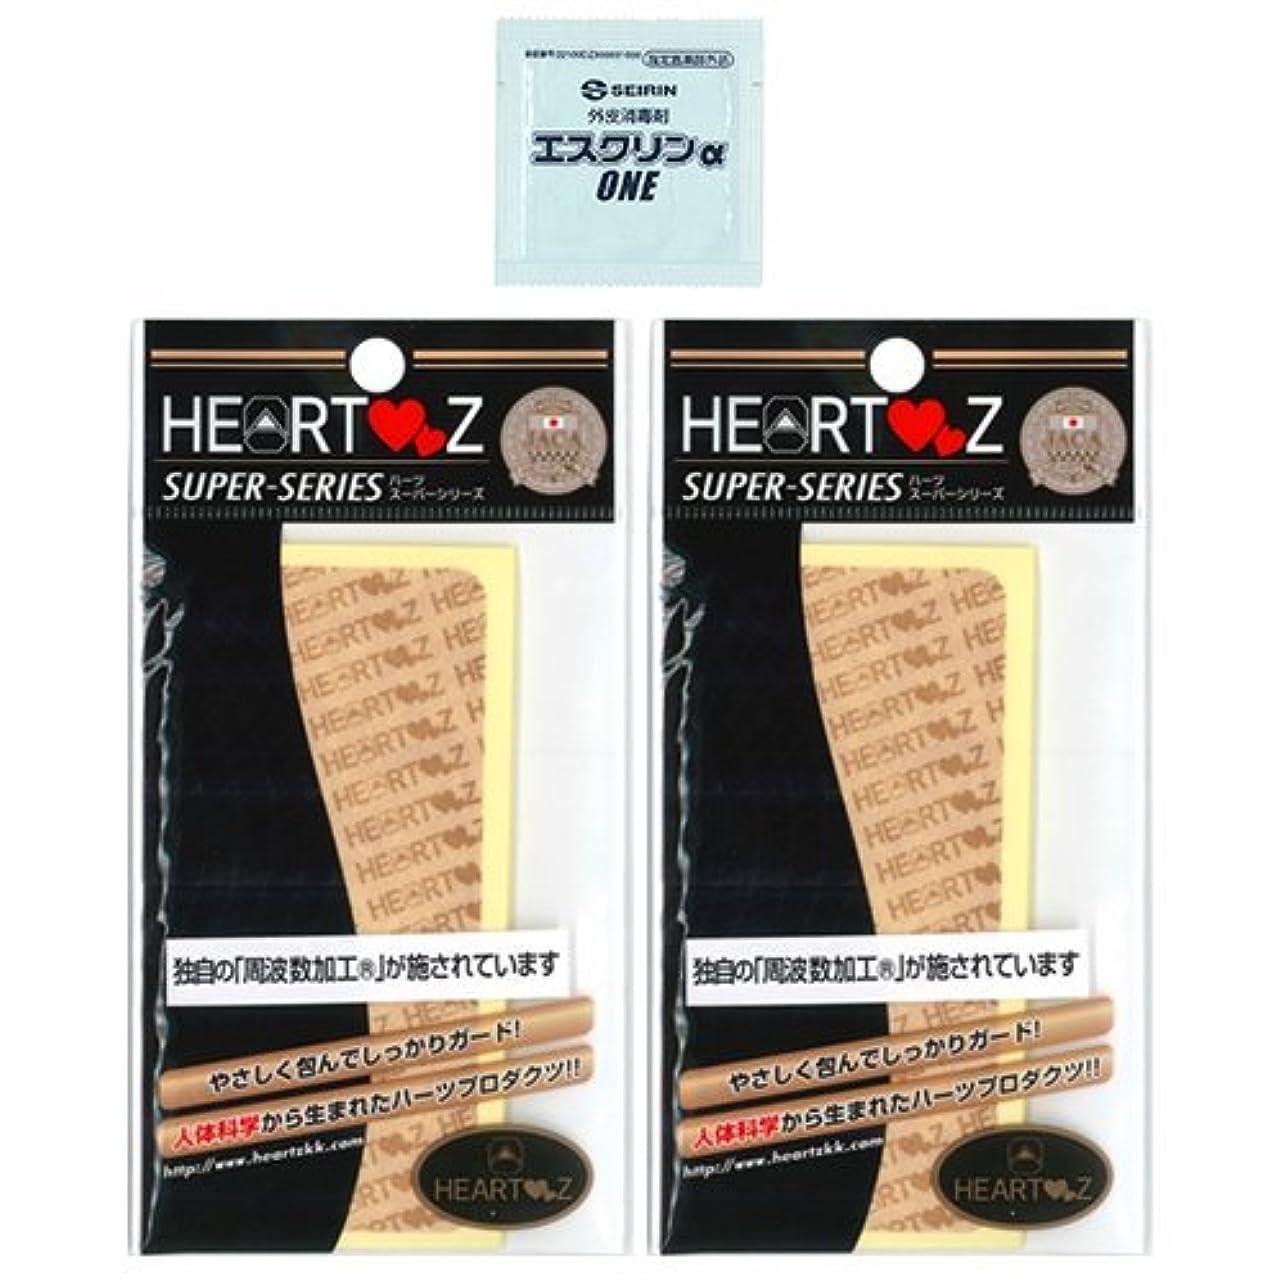 パーチナシティグリップ海外で【HEARTZ(ハーツ)】ハーツスーパーシール ベタ貼りタイプ 8枚入×2個セット (計16枚) + エスクリンαONEx1個 セット